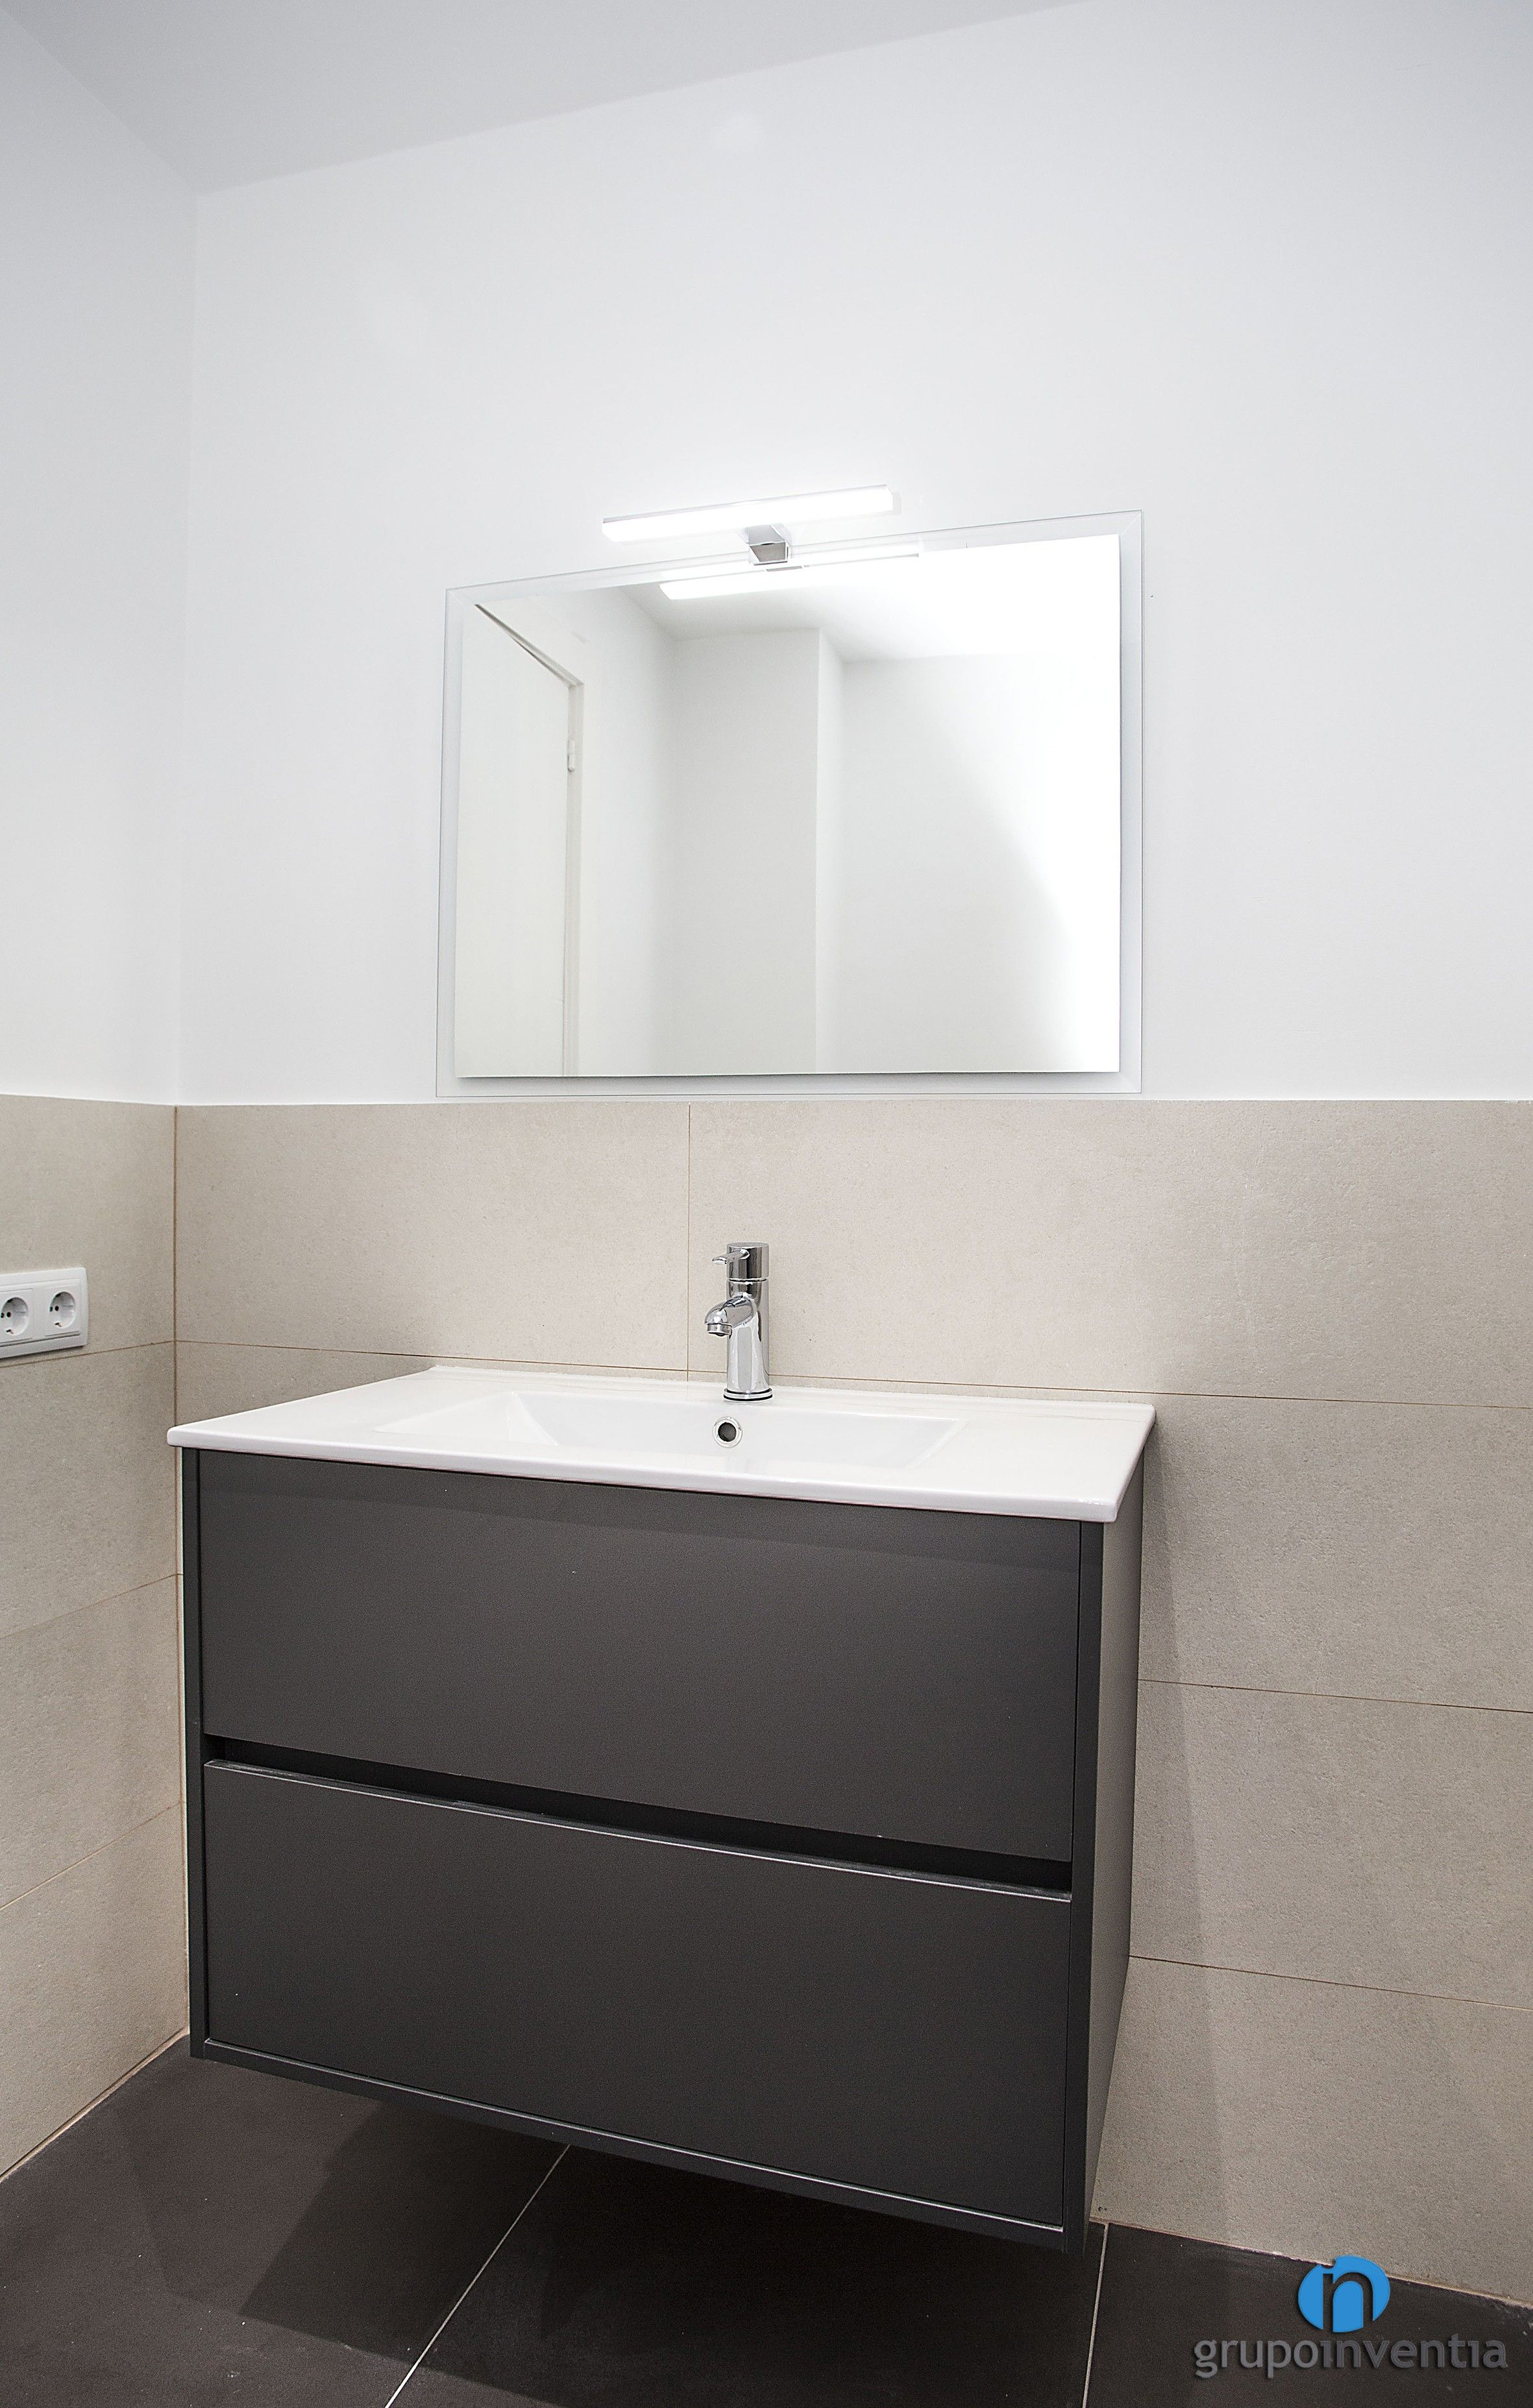 Las paredes del cuarto de baño están alicatadas a media ...